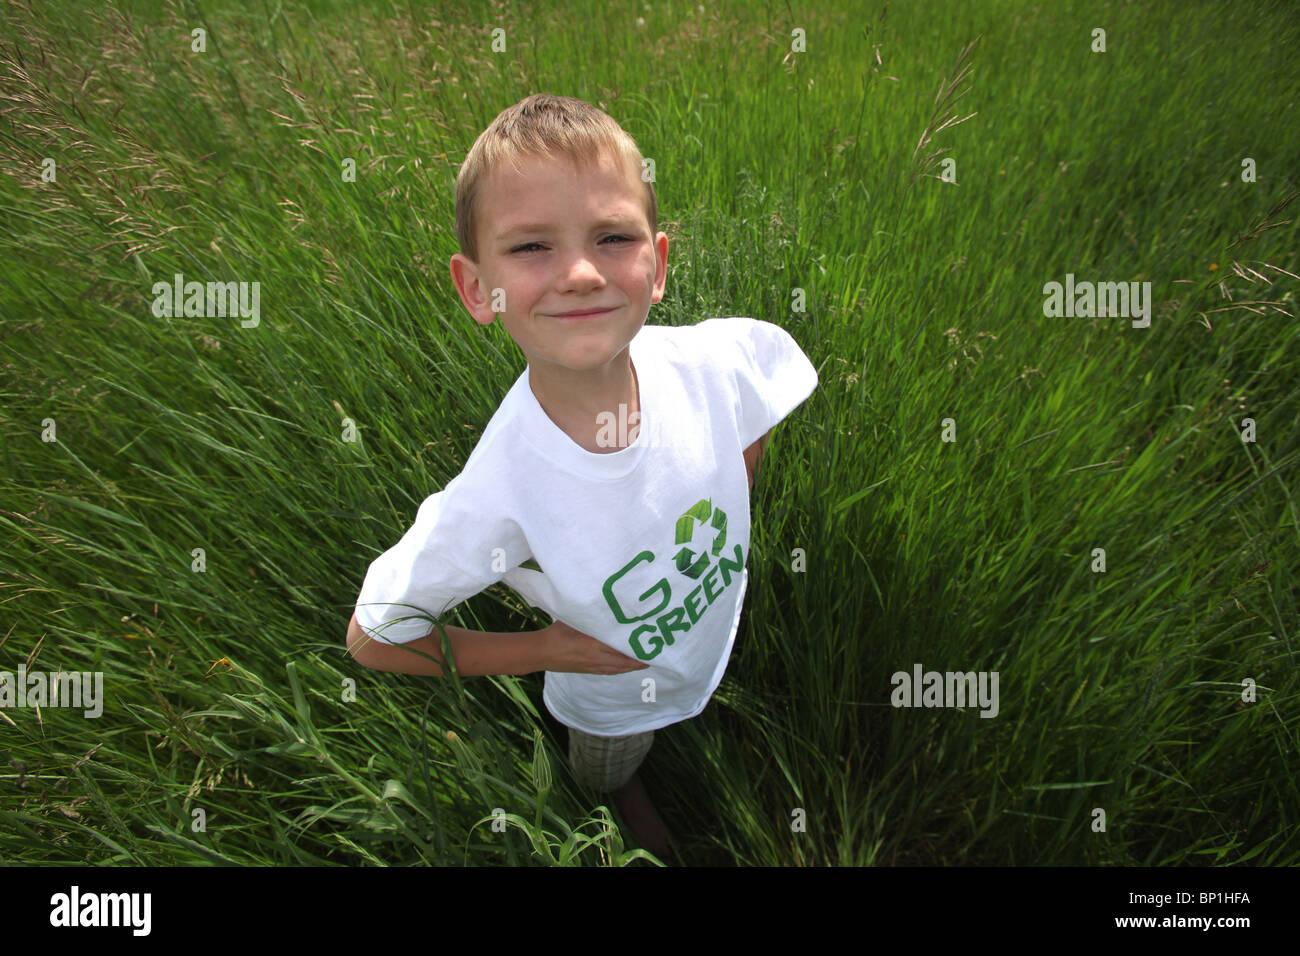 Boy standing in tall grass vert 'porter' go green tee shirt Photo Stock